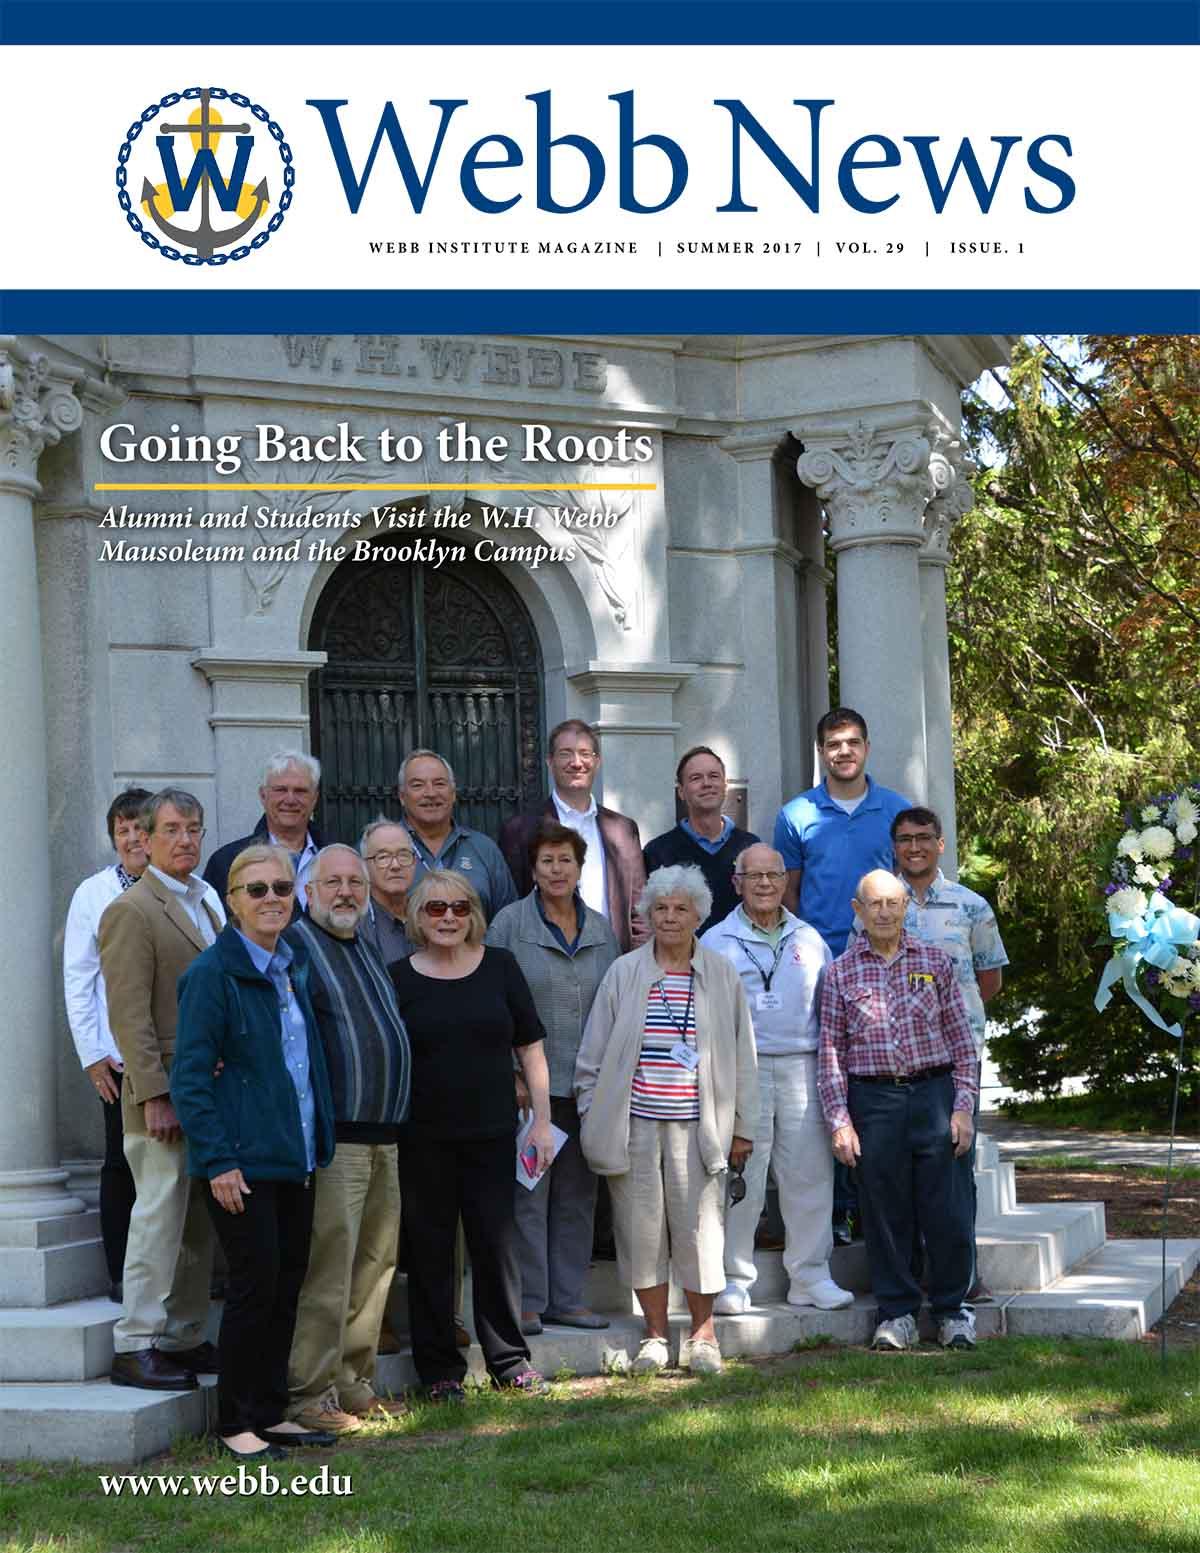 Webb News Summer